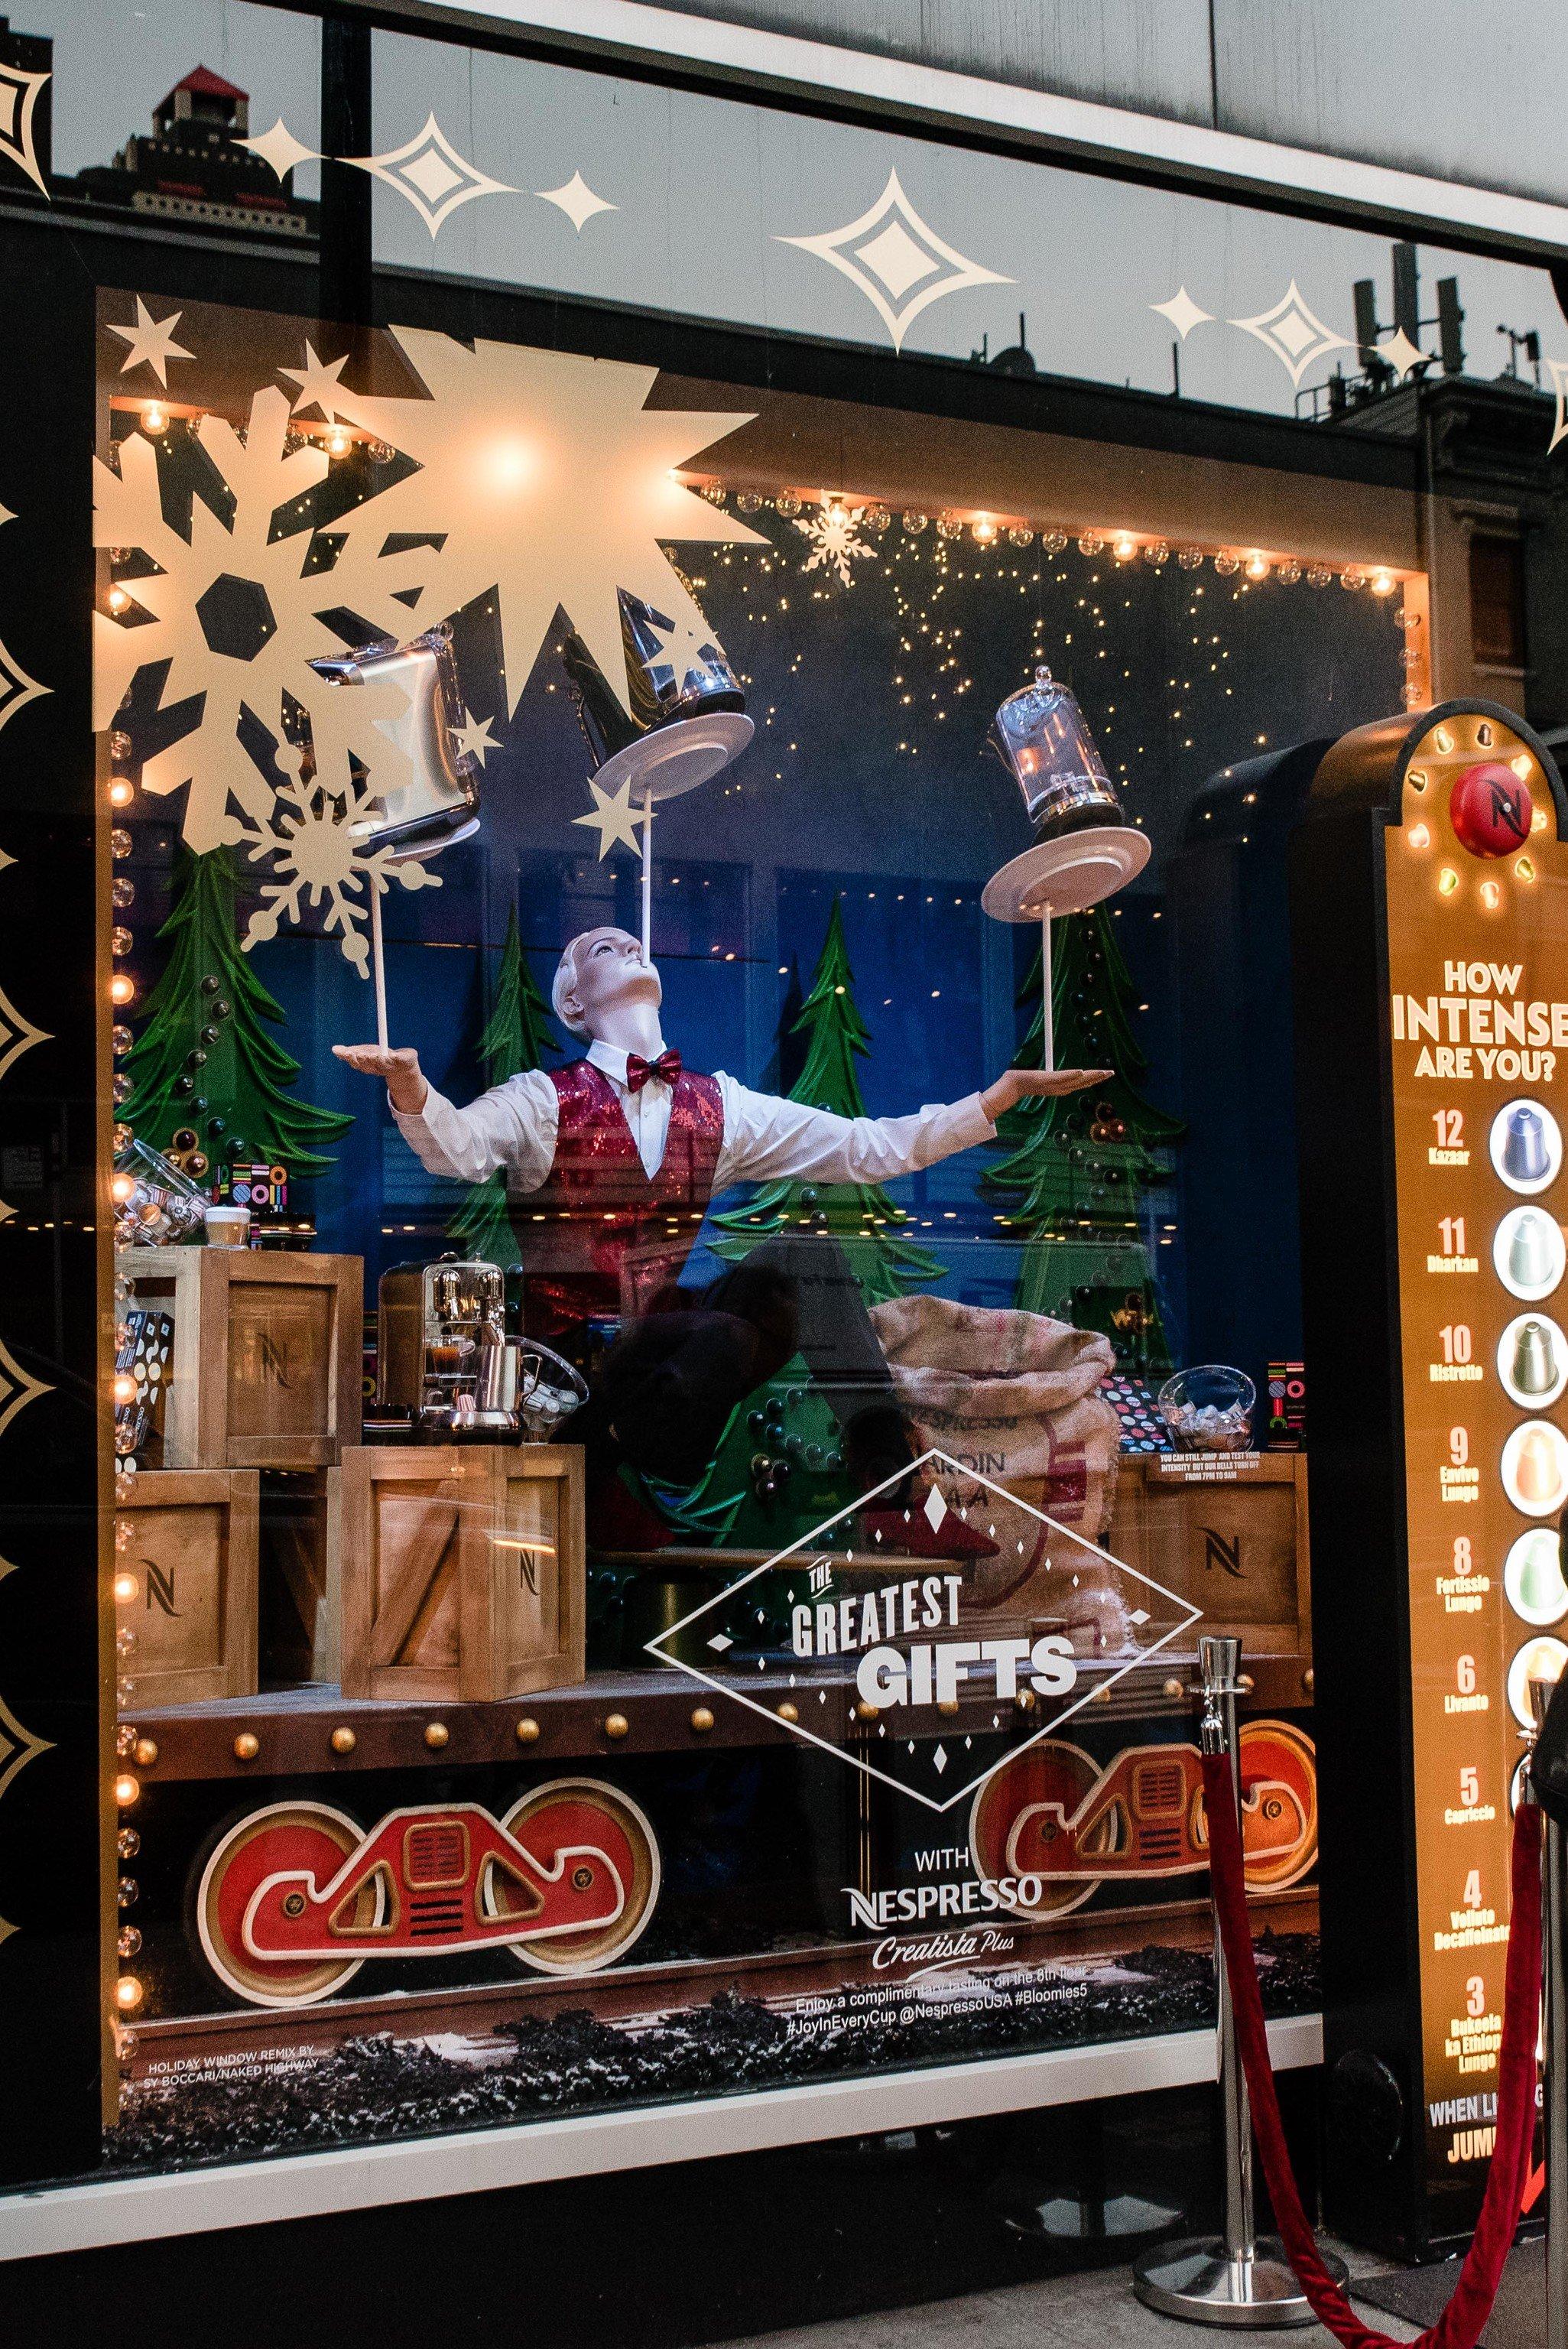 Offbeat Winter outdoor display window window interior design Christmas